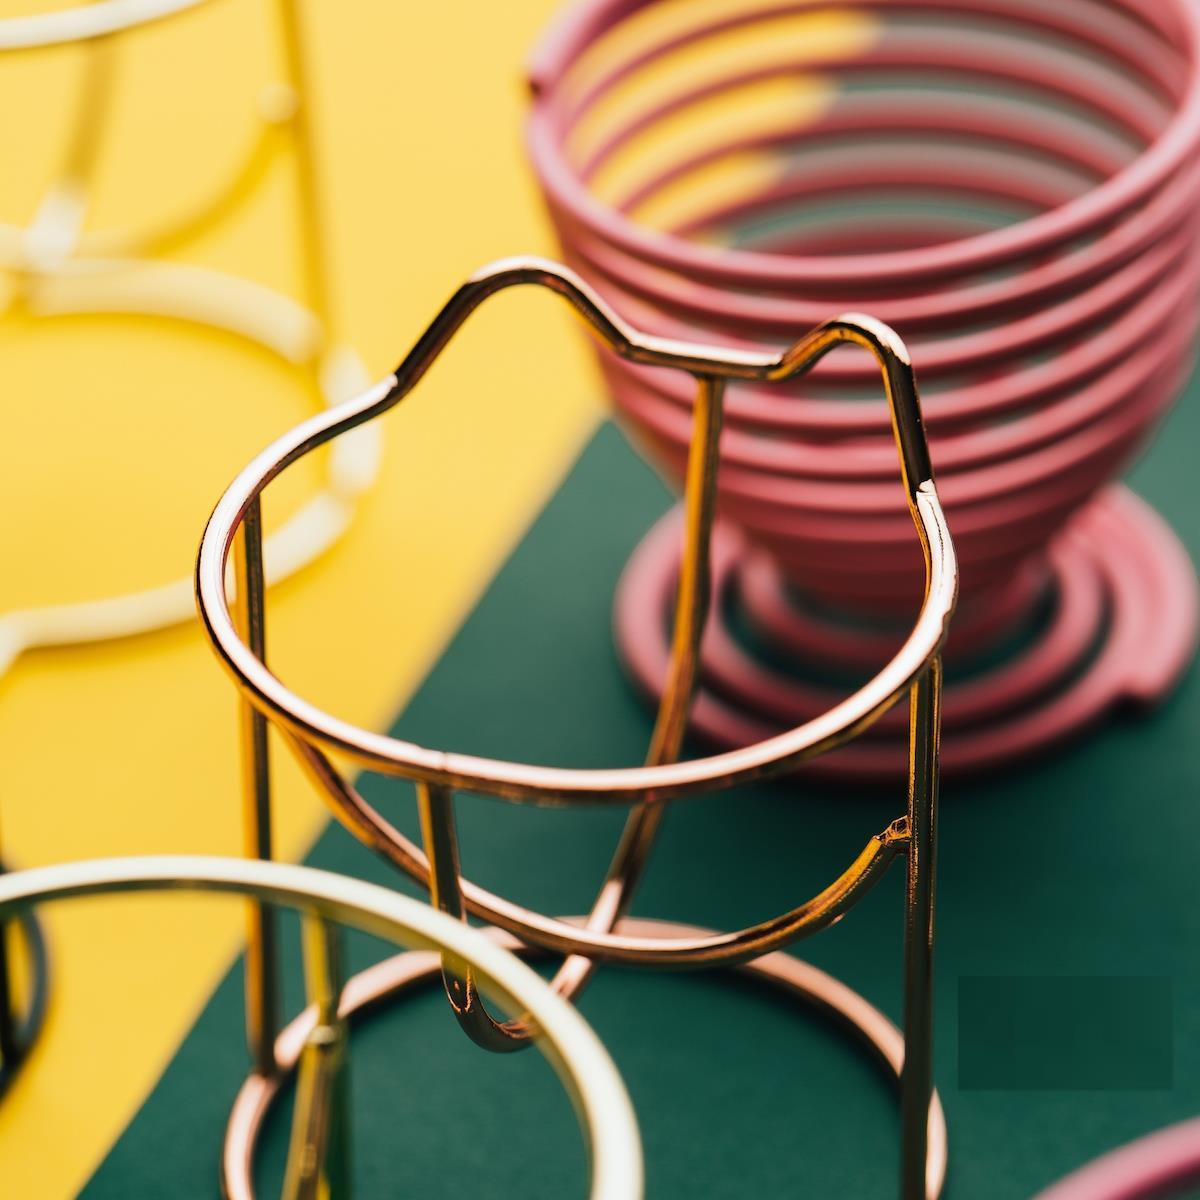 蛋托架葫芦粉扑晾晒收纳防尘托支架金属放彩妆蛋的粉扑托收纳盒